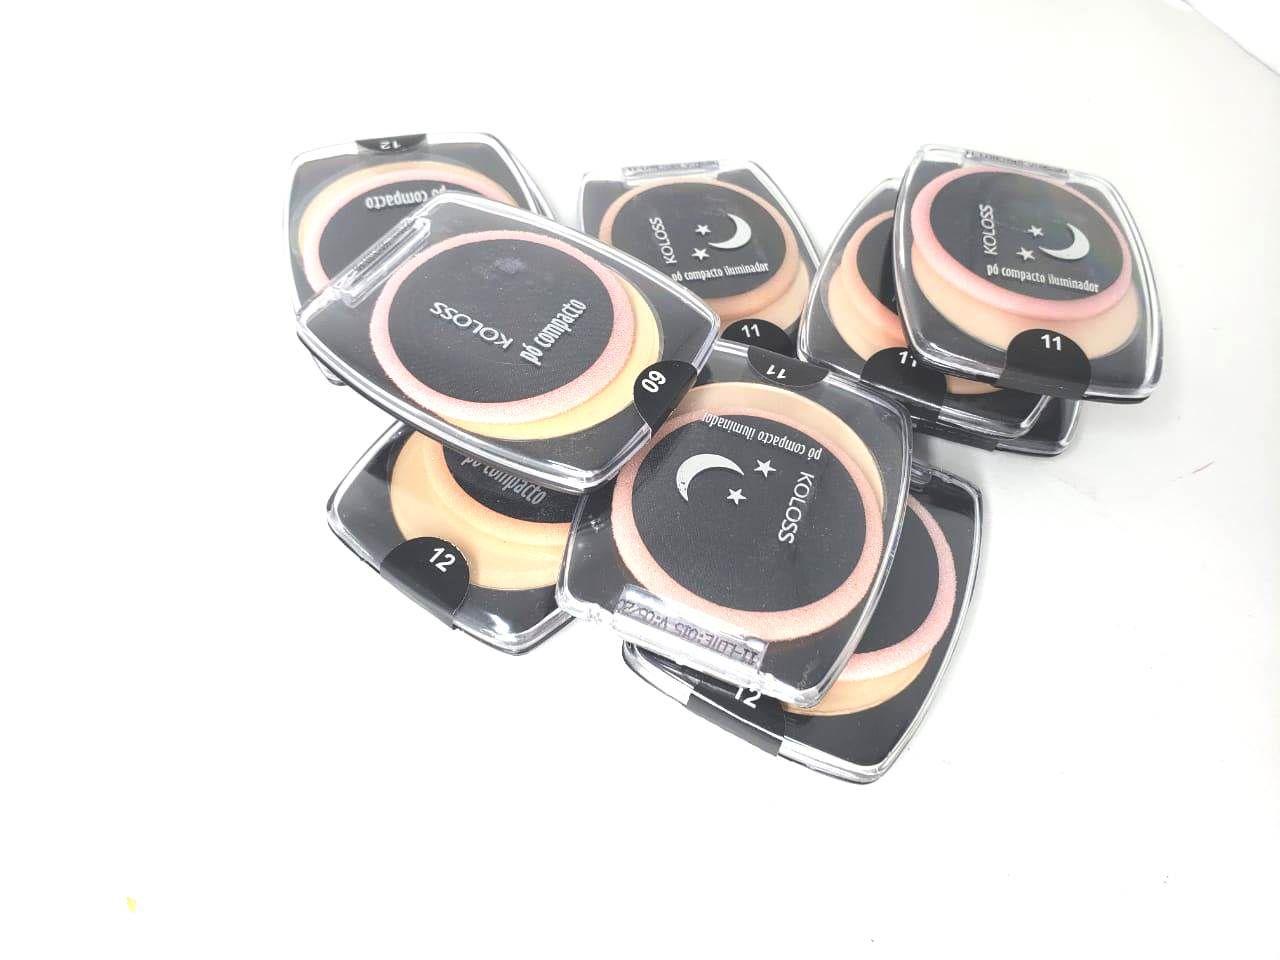 Caixa Pó compacto koloss cor 10 c/ 10 un -preço de custo